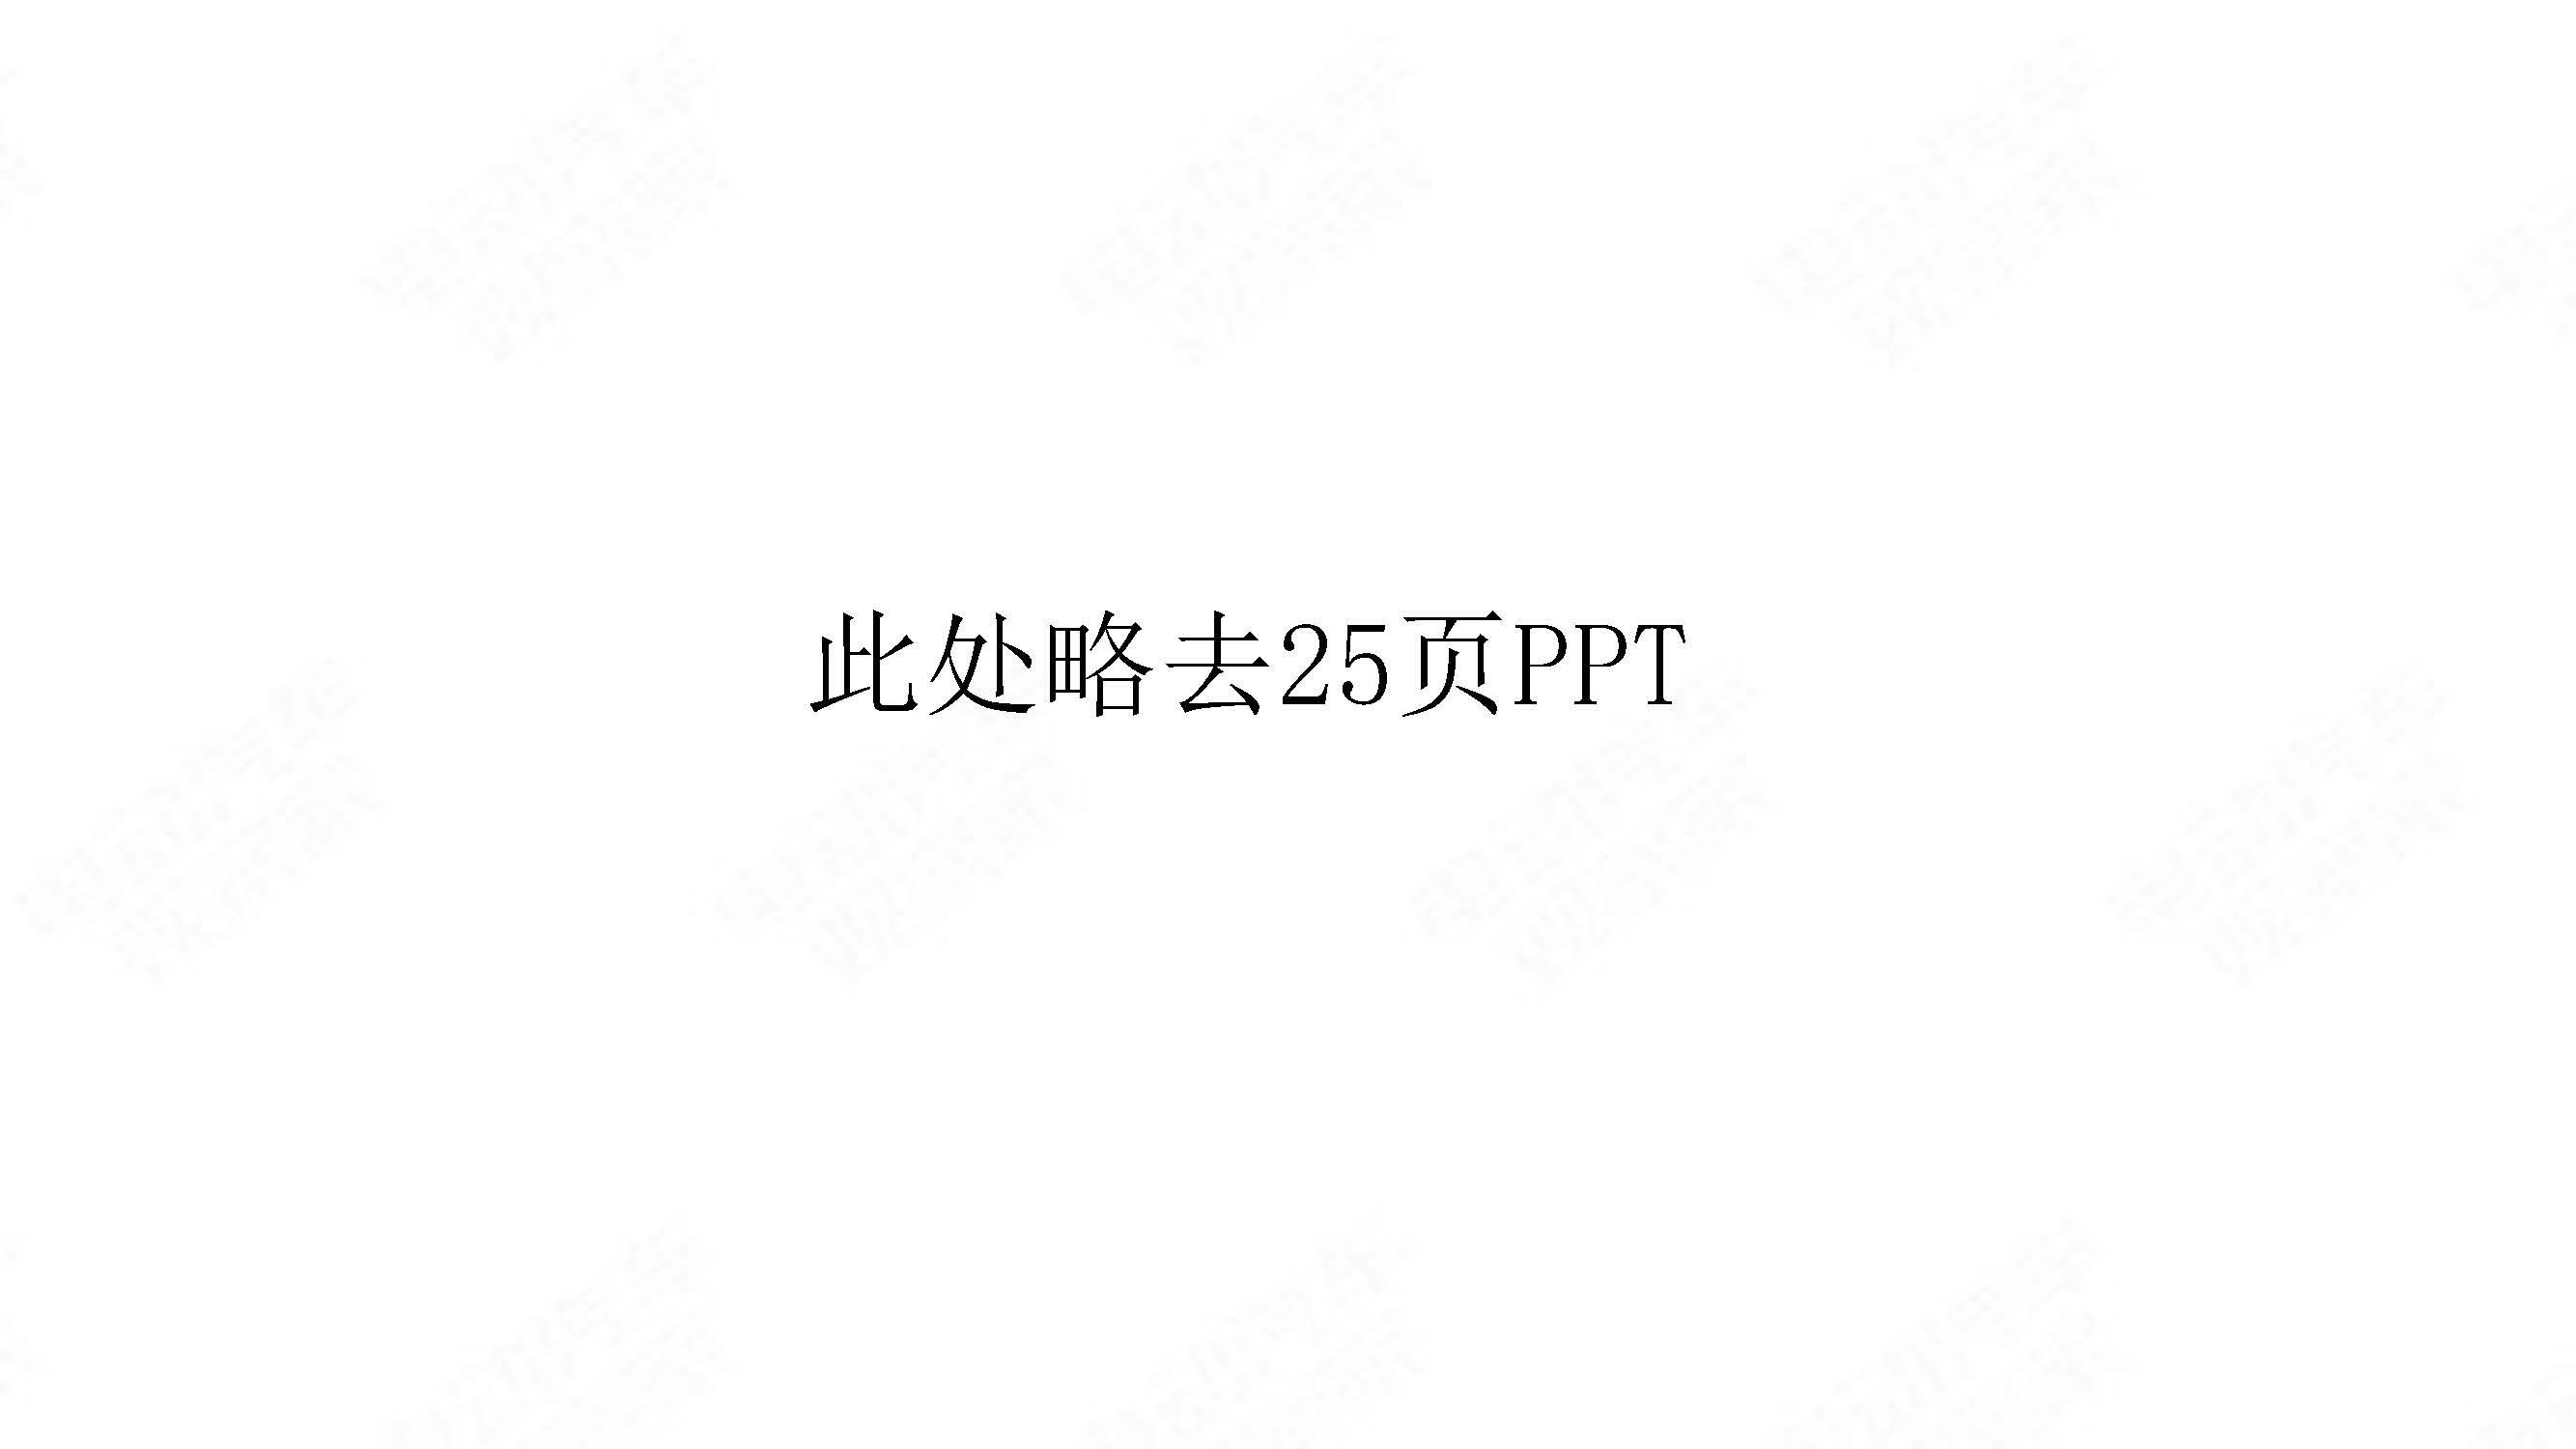 中国新能源汽车产业观察202001简略版_页面_22